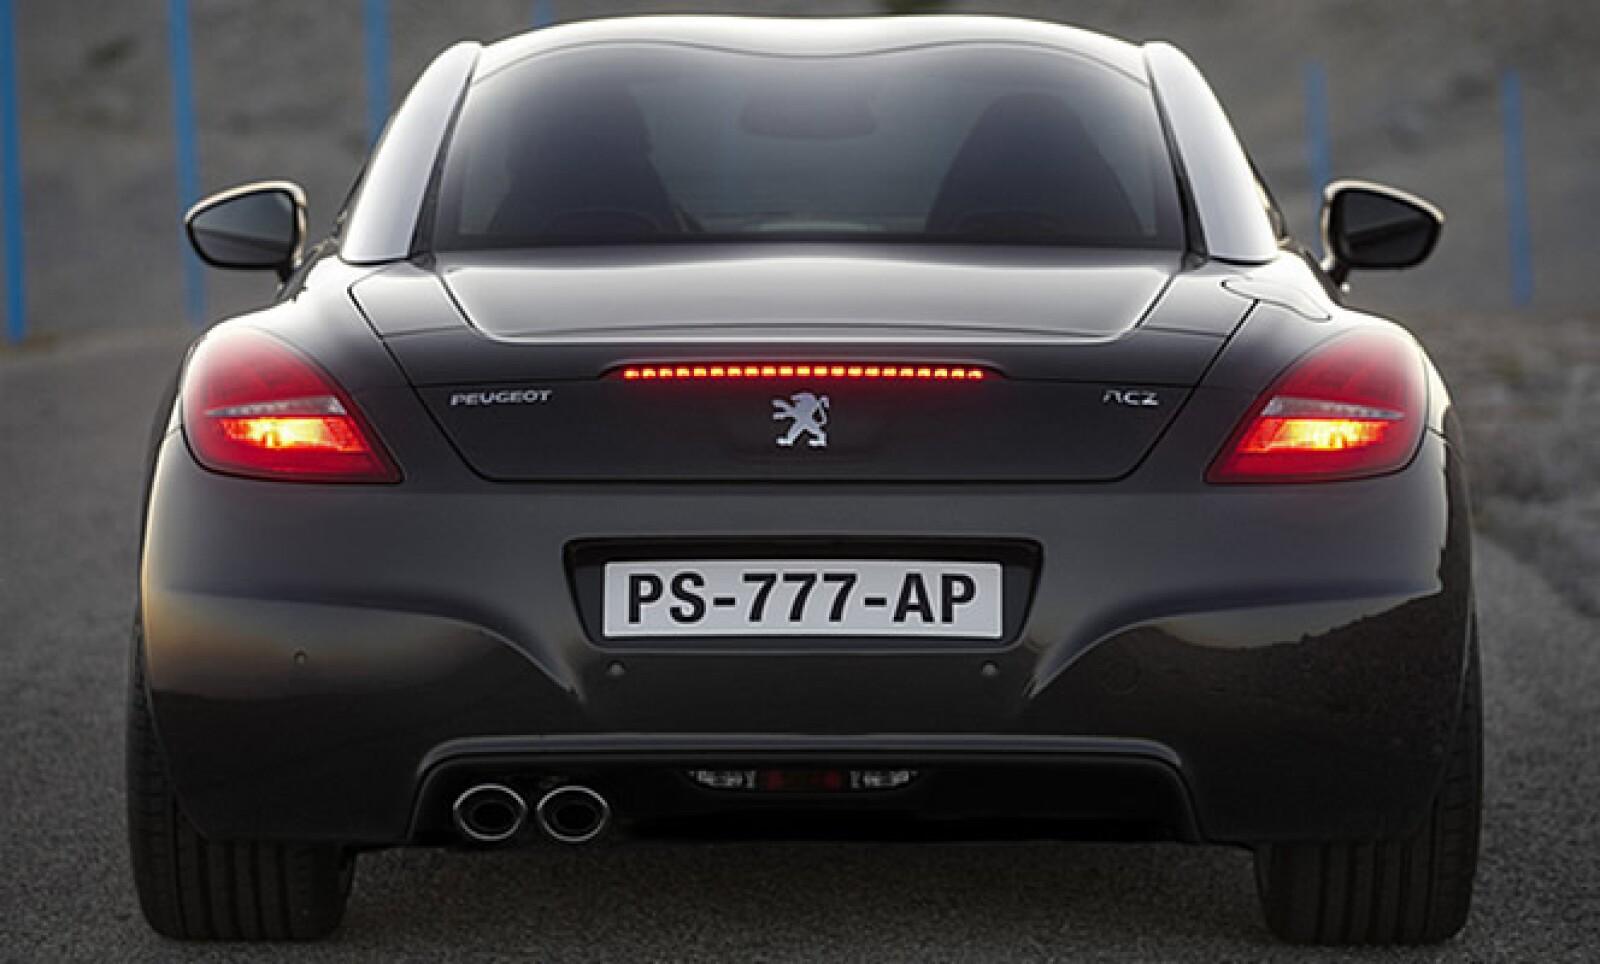 El automóvil se ensambla en la planta de producción de la empresa en Graz, Austria.